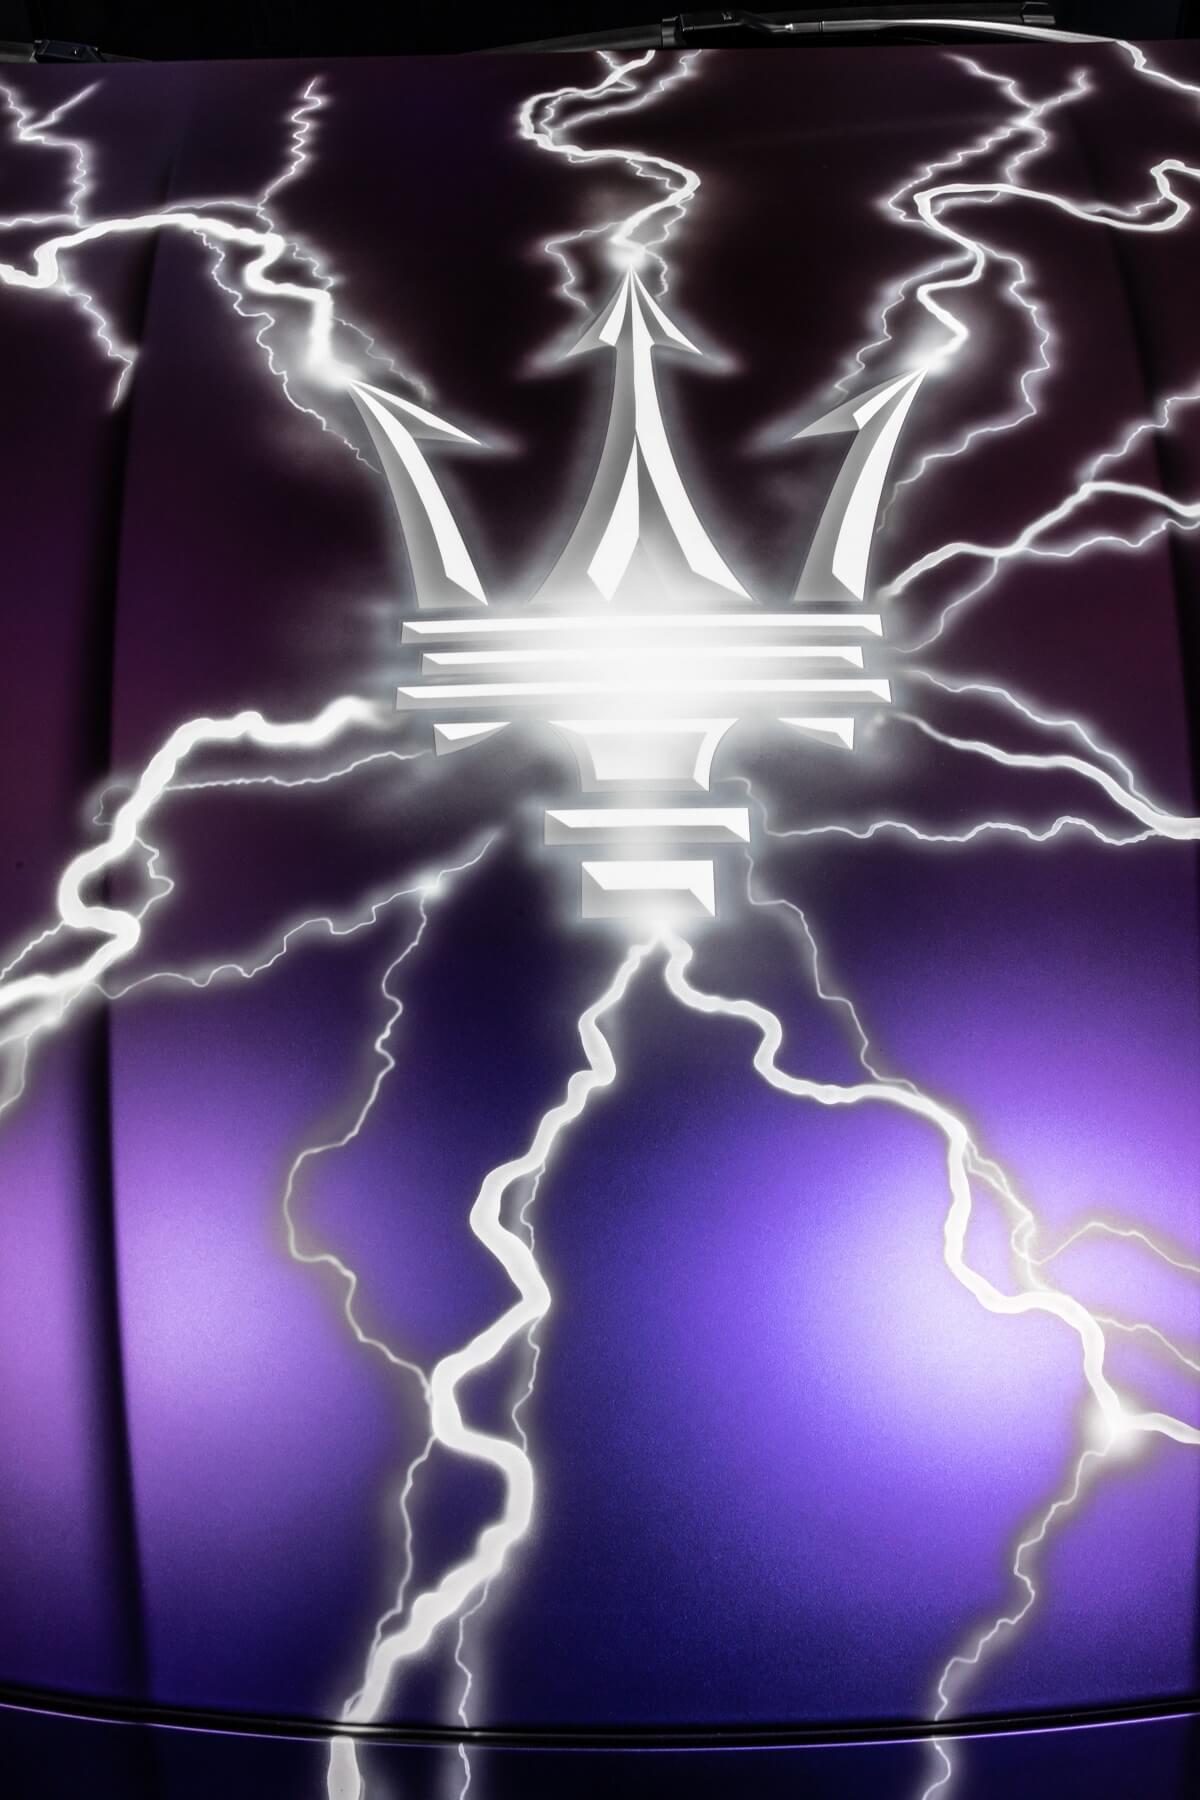 03_Maserati_Ghibli_Hybrid_Showcar.jpg